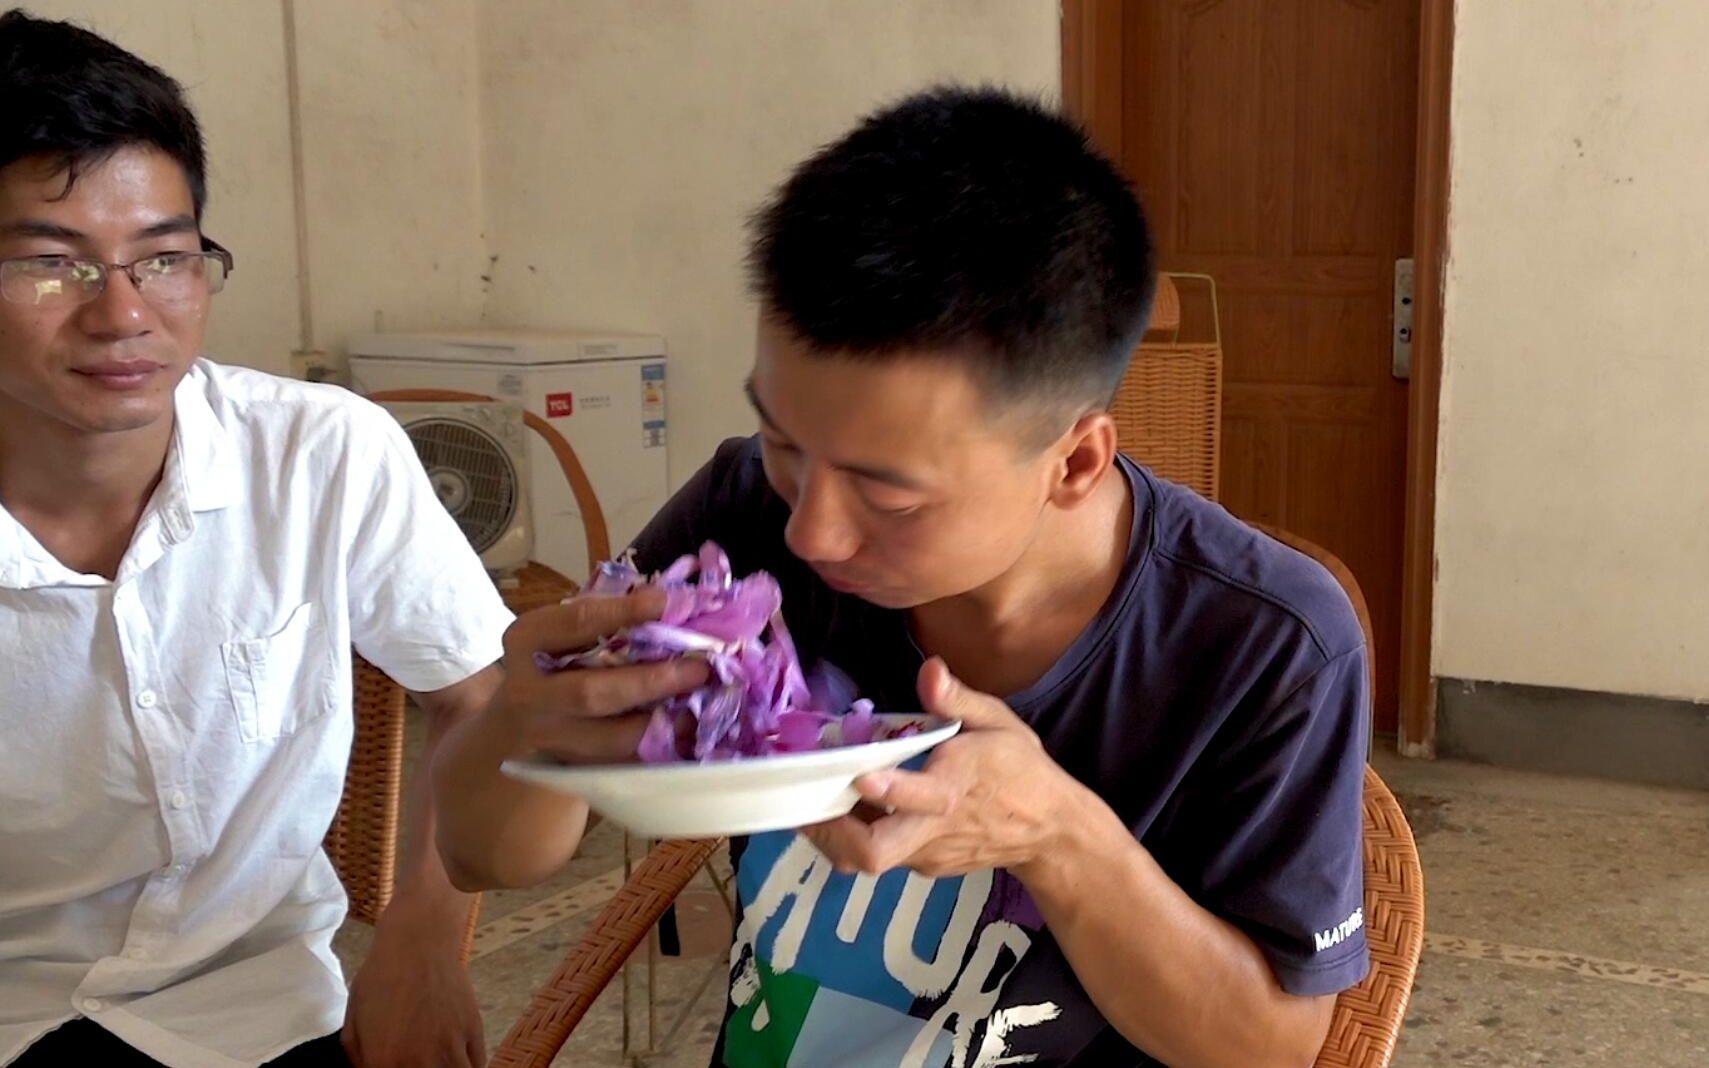 华农兄弟:没菜吃了,摘点木槿花来煎,味道还不错哦